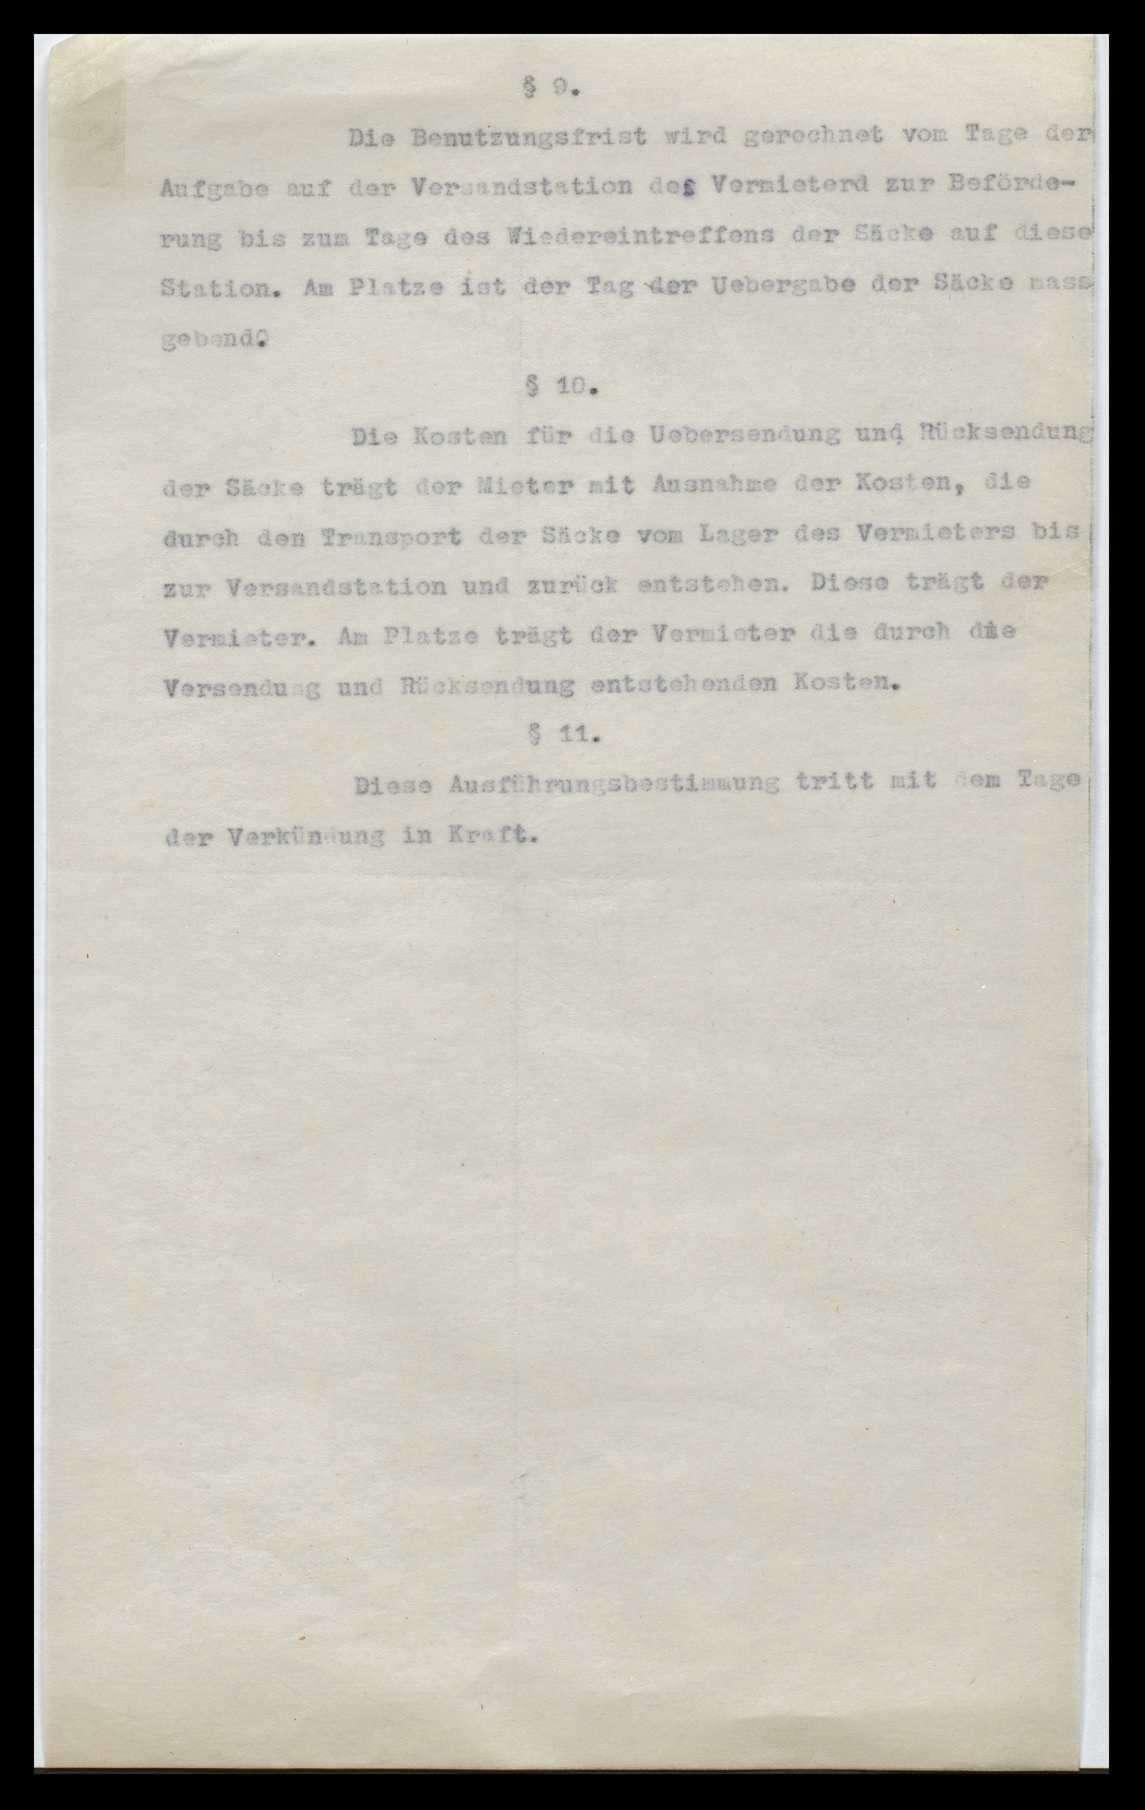 Reichssackstelle, Verkehr mit Säcken, Bild 2